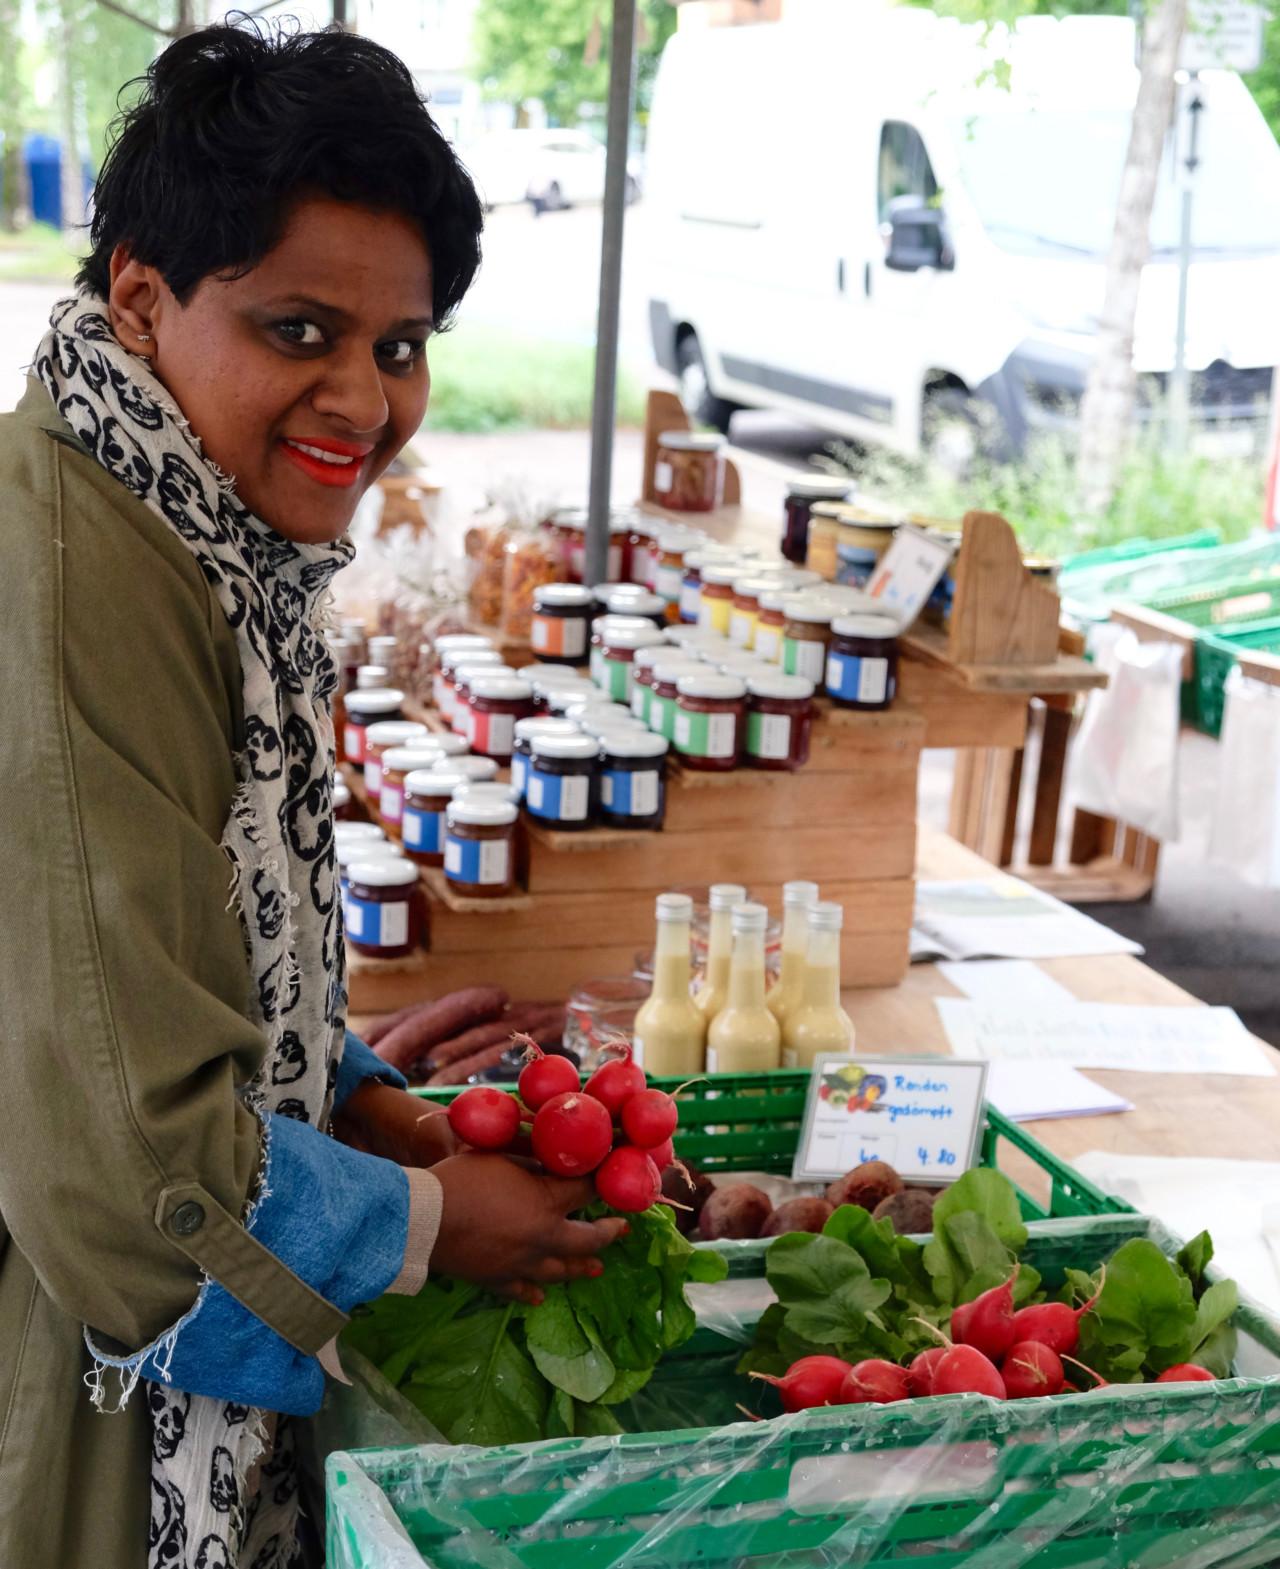 Melanie ist gerne in Zürich auf kulinarischer Entdeckungstour. Foto: Lunchgate/Anna